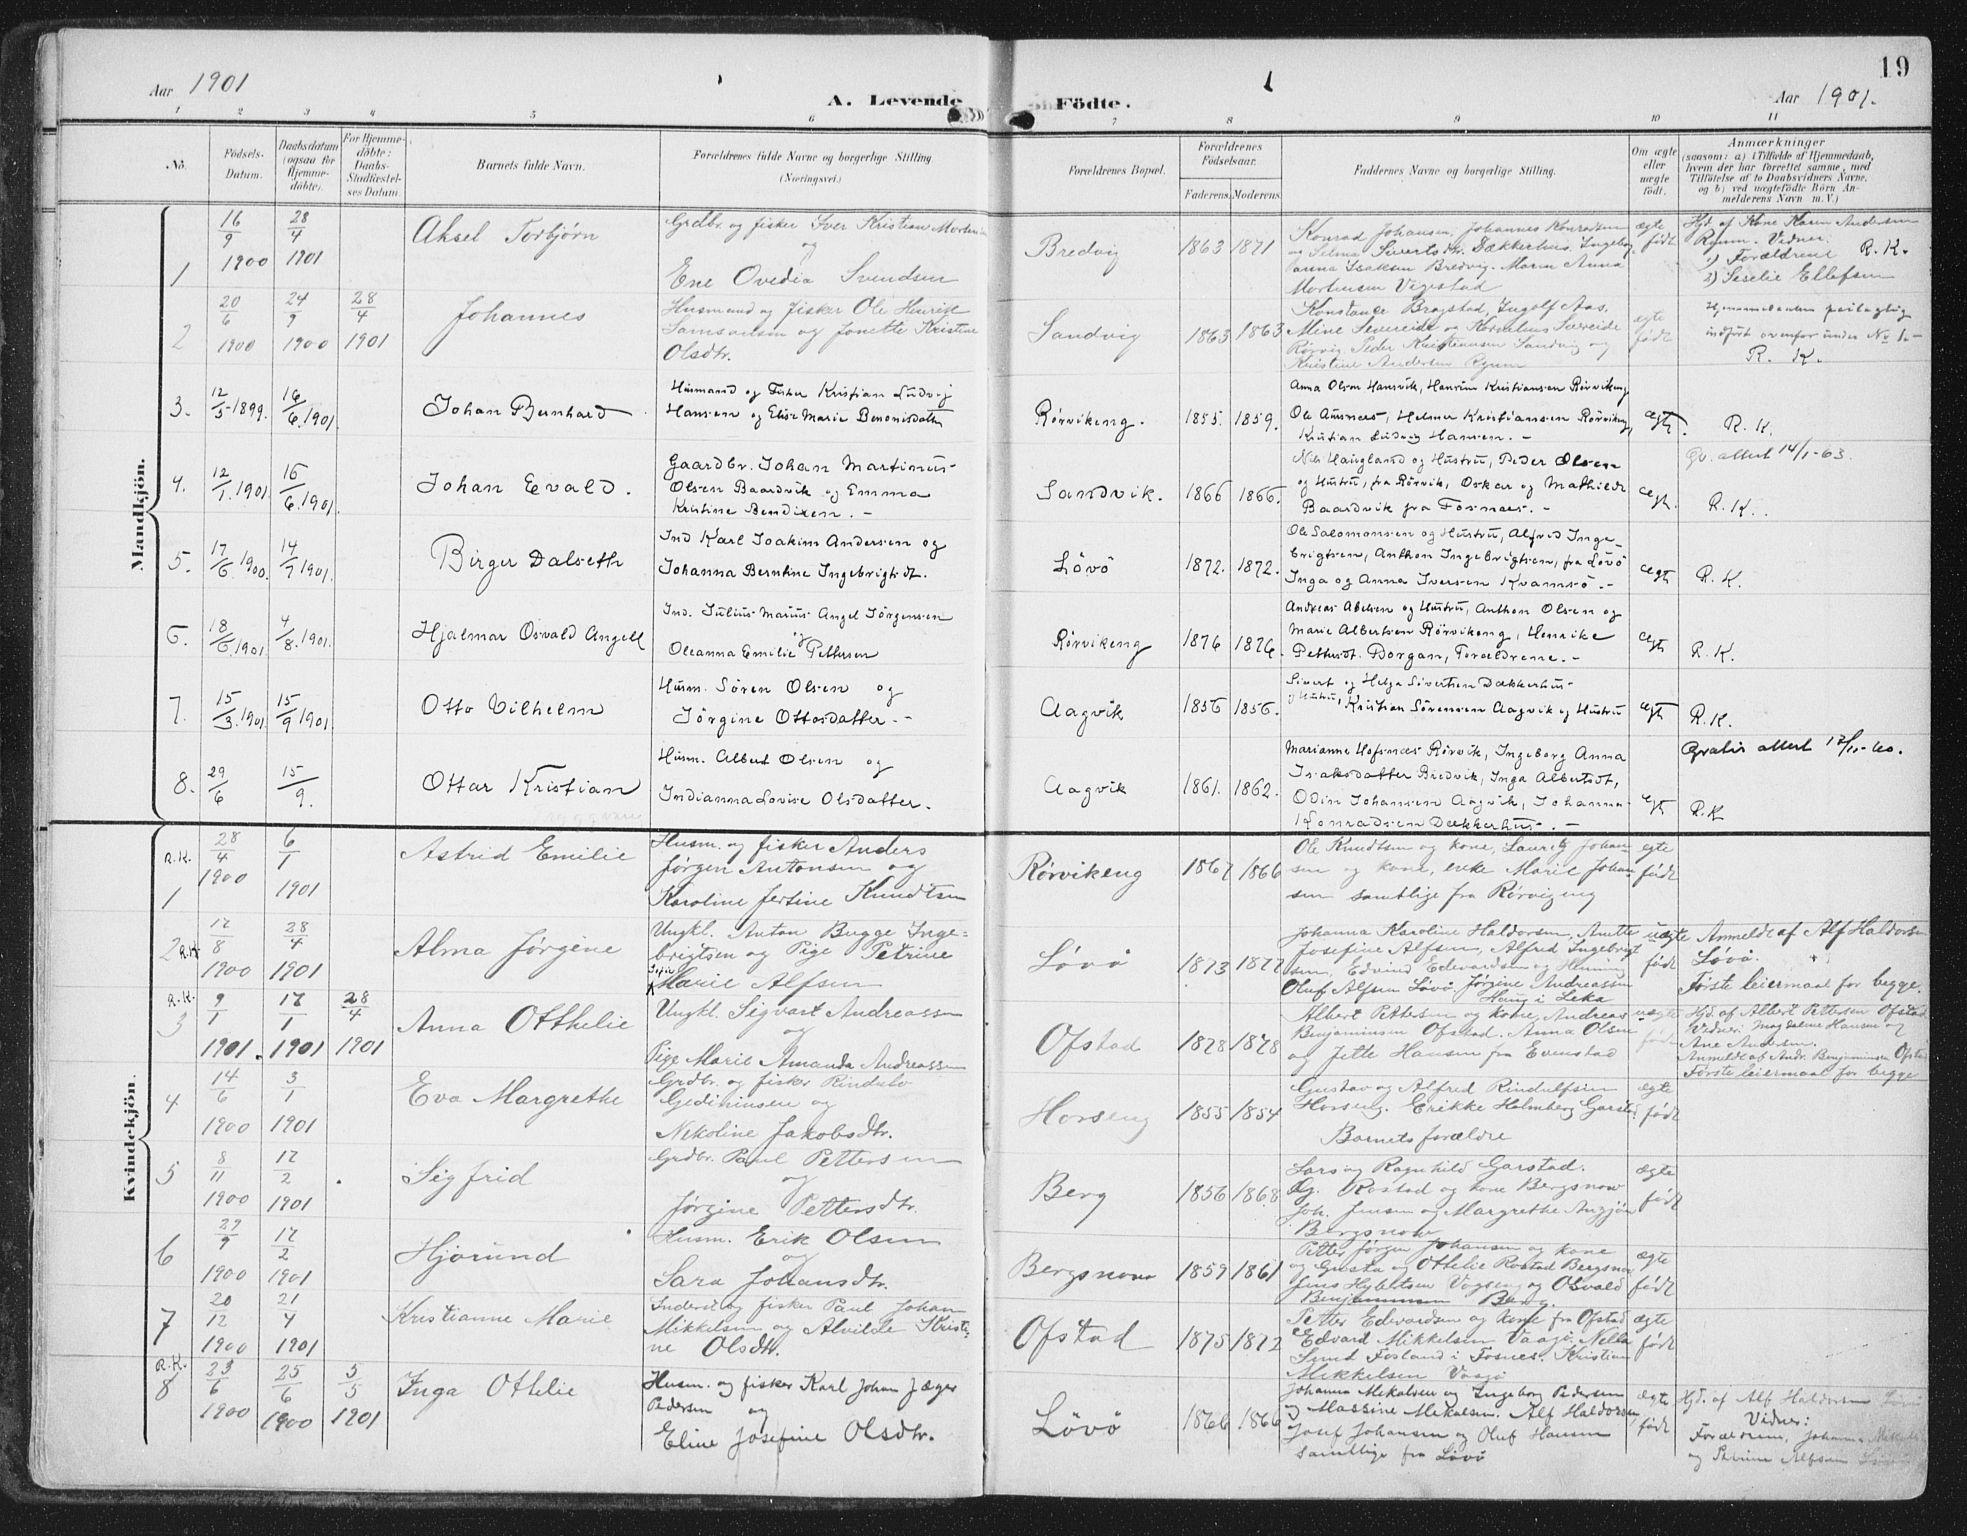 SAT, Ministerialprotokoller, klokkerbøker og fødselsregistre - Nord-Trøndelag, 786/L0688: Ministerialbok nr. 786A04, 1899-1912, s. 19